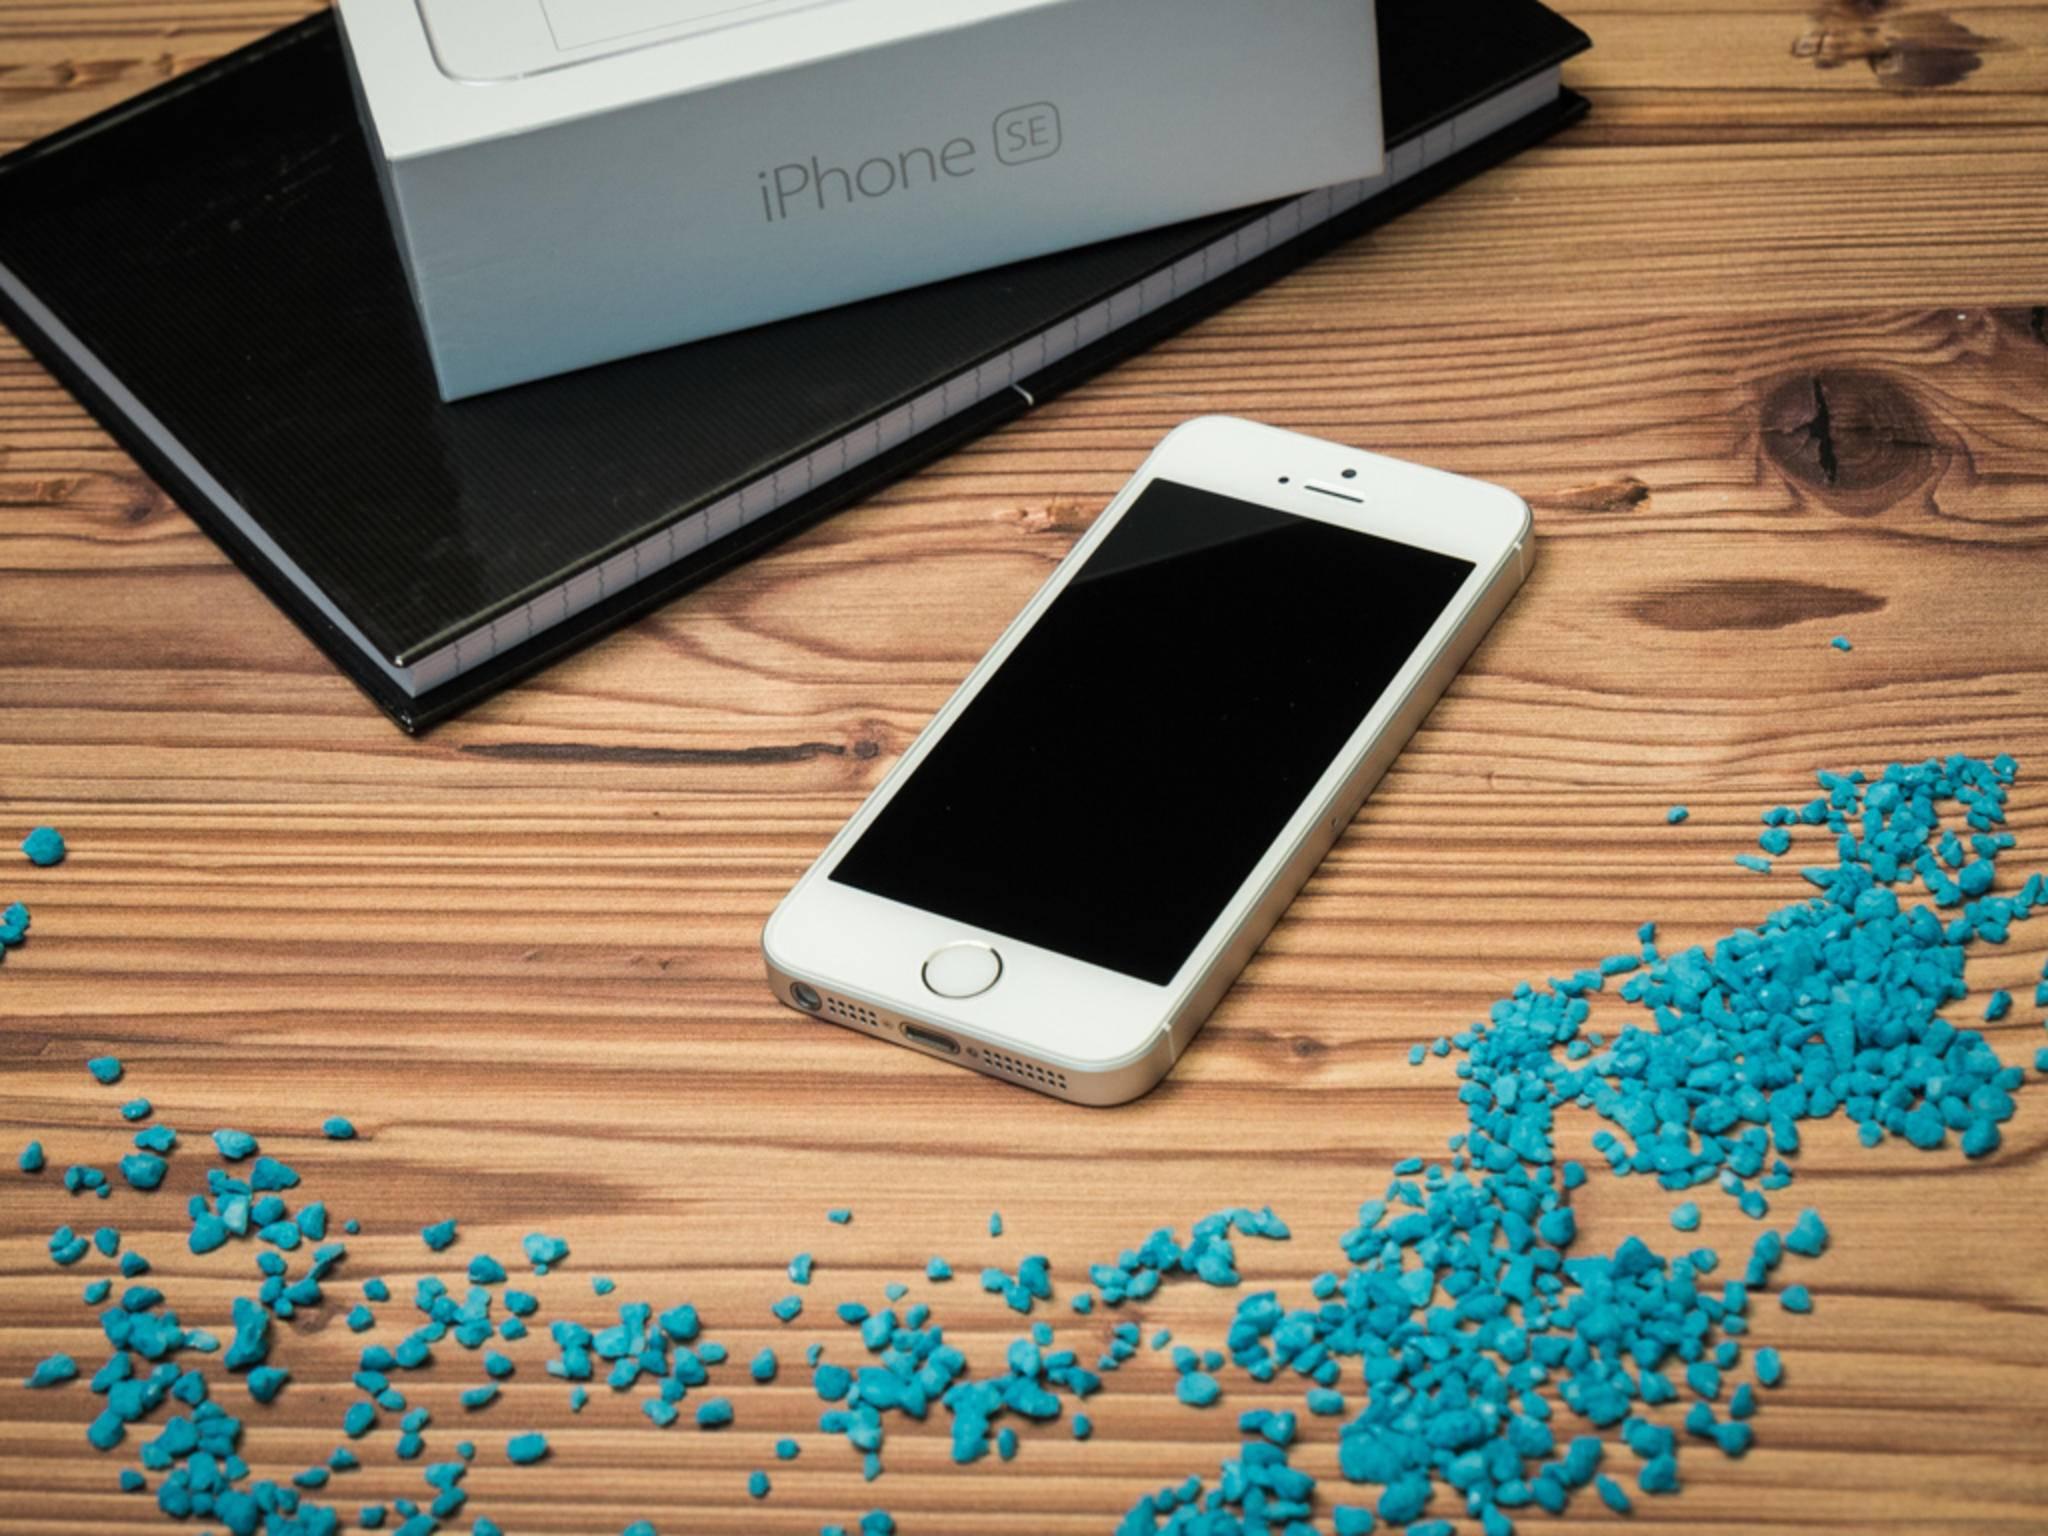 Wir verraten, wie Du das iPhone bei einem Defekt umtauschen kannst.